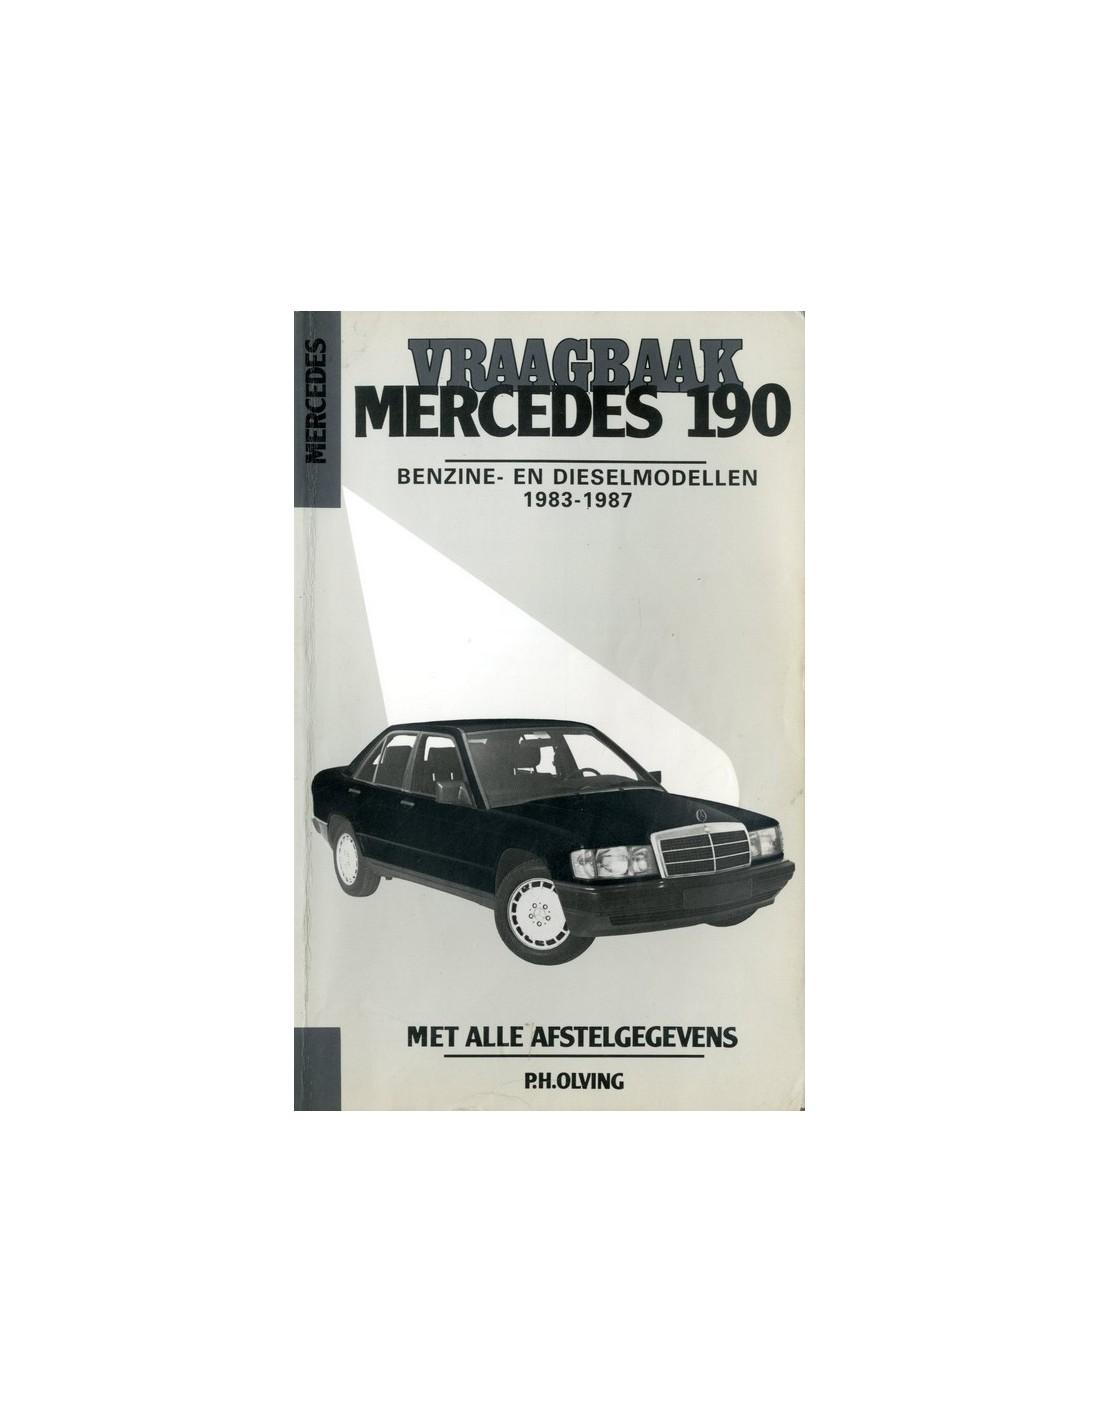 1983 1987 mercedes benz 190 petrol diesel workshop manual dutch rh autolit eu Mercedes-Benz W140 mercedes benz w201 workshop manual